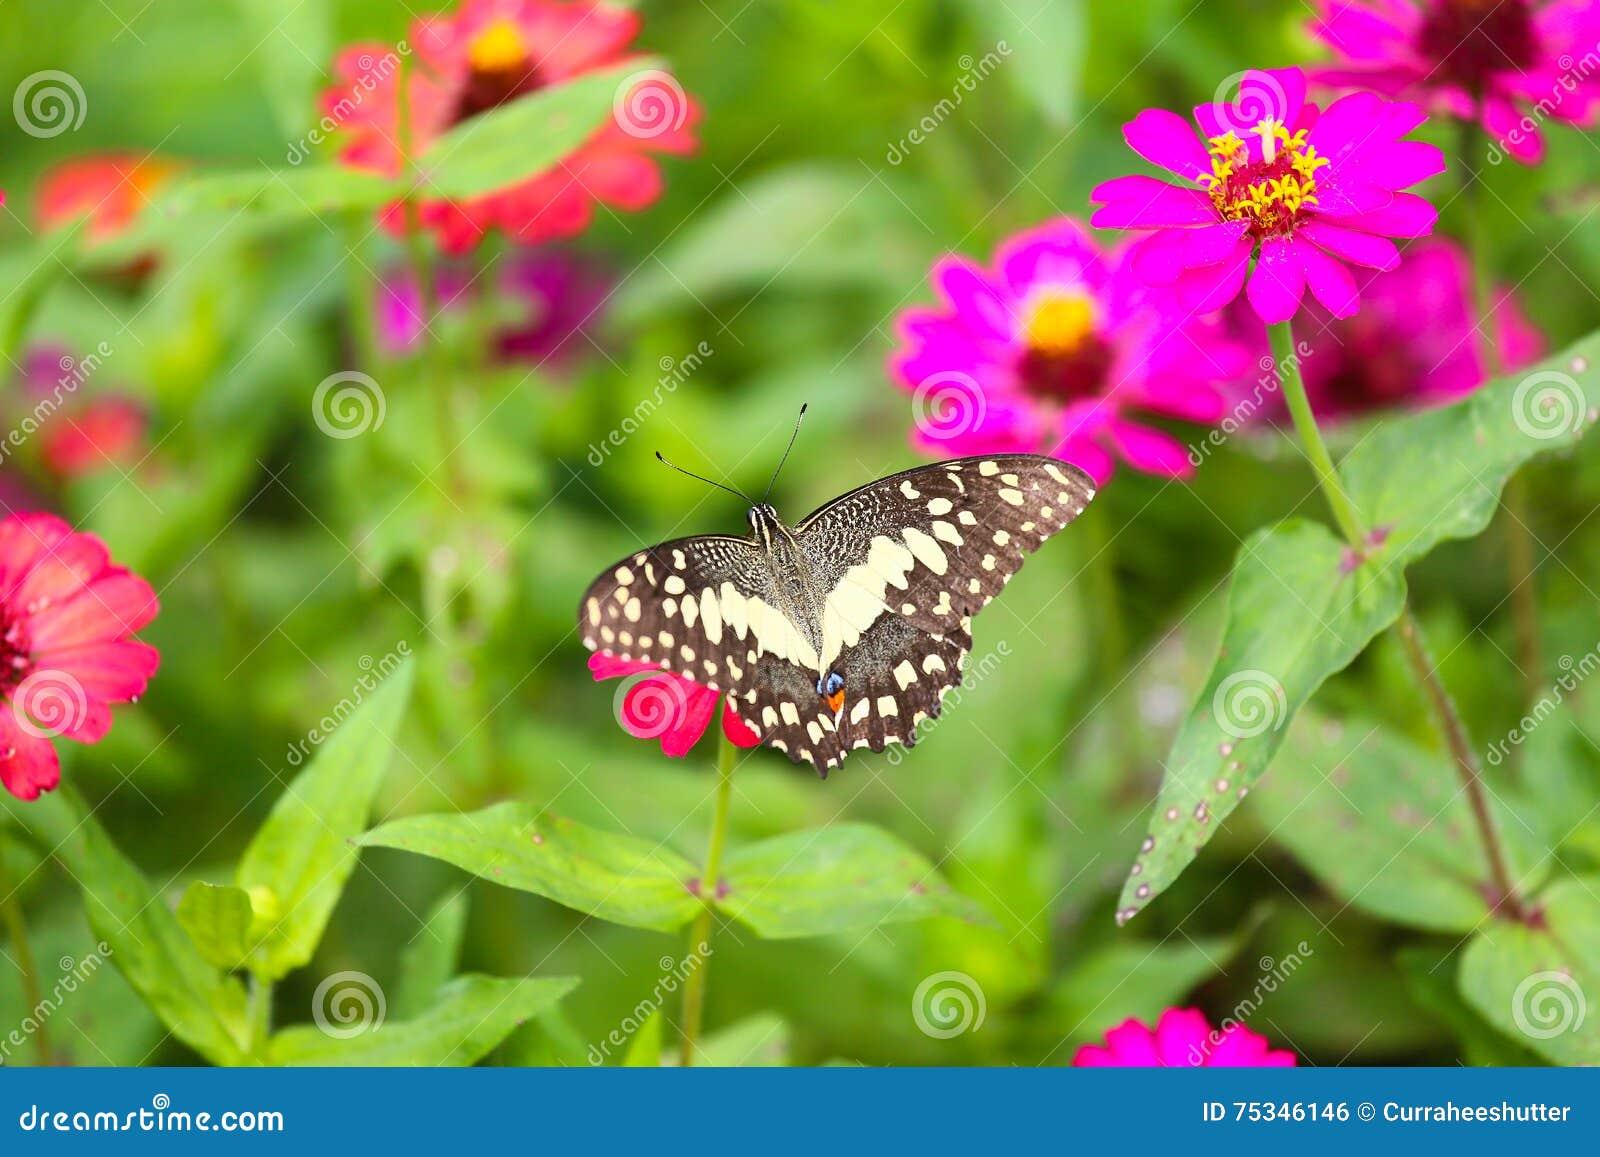 Blumen schmetterlinge im garten for Blumen fliegen